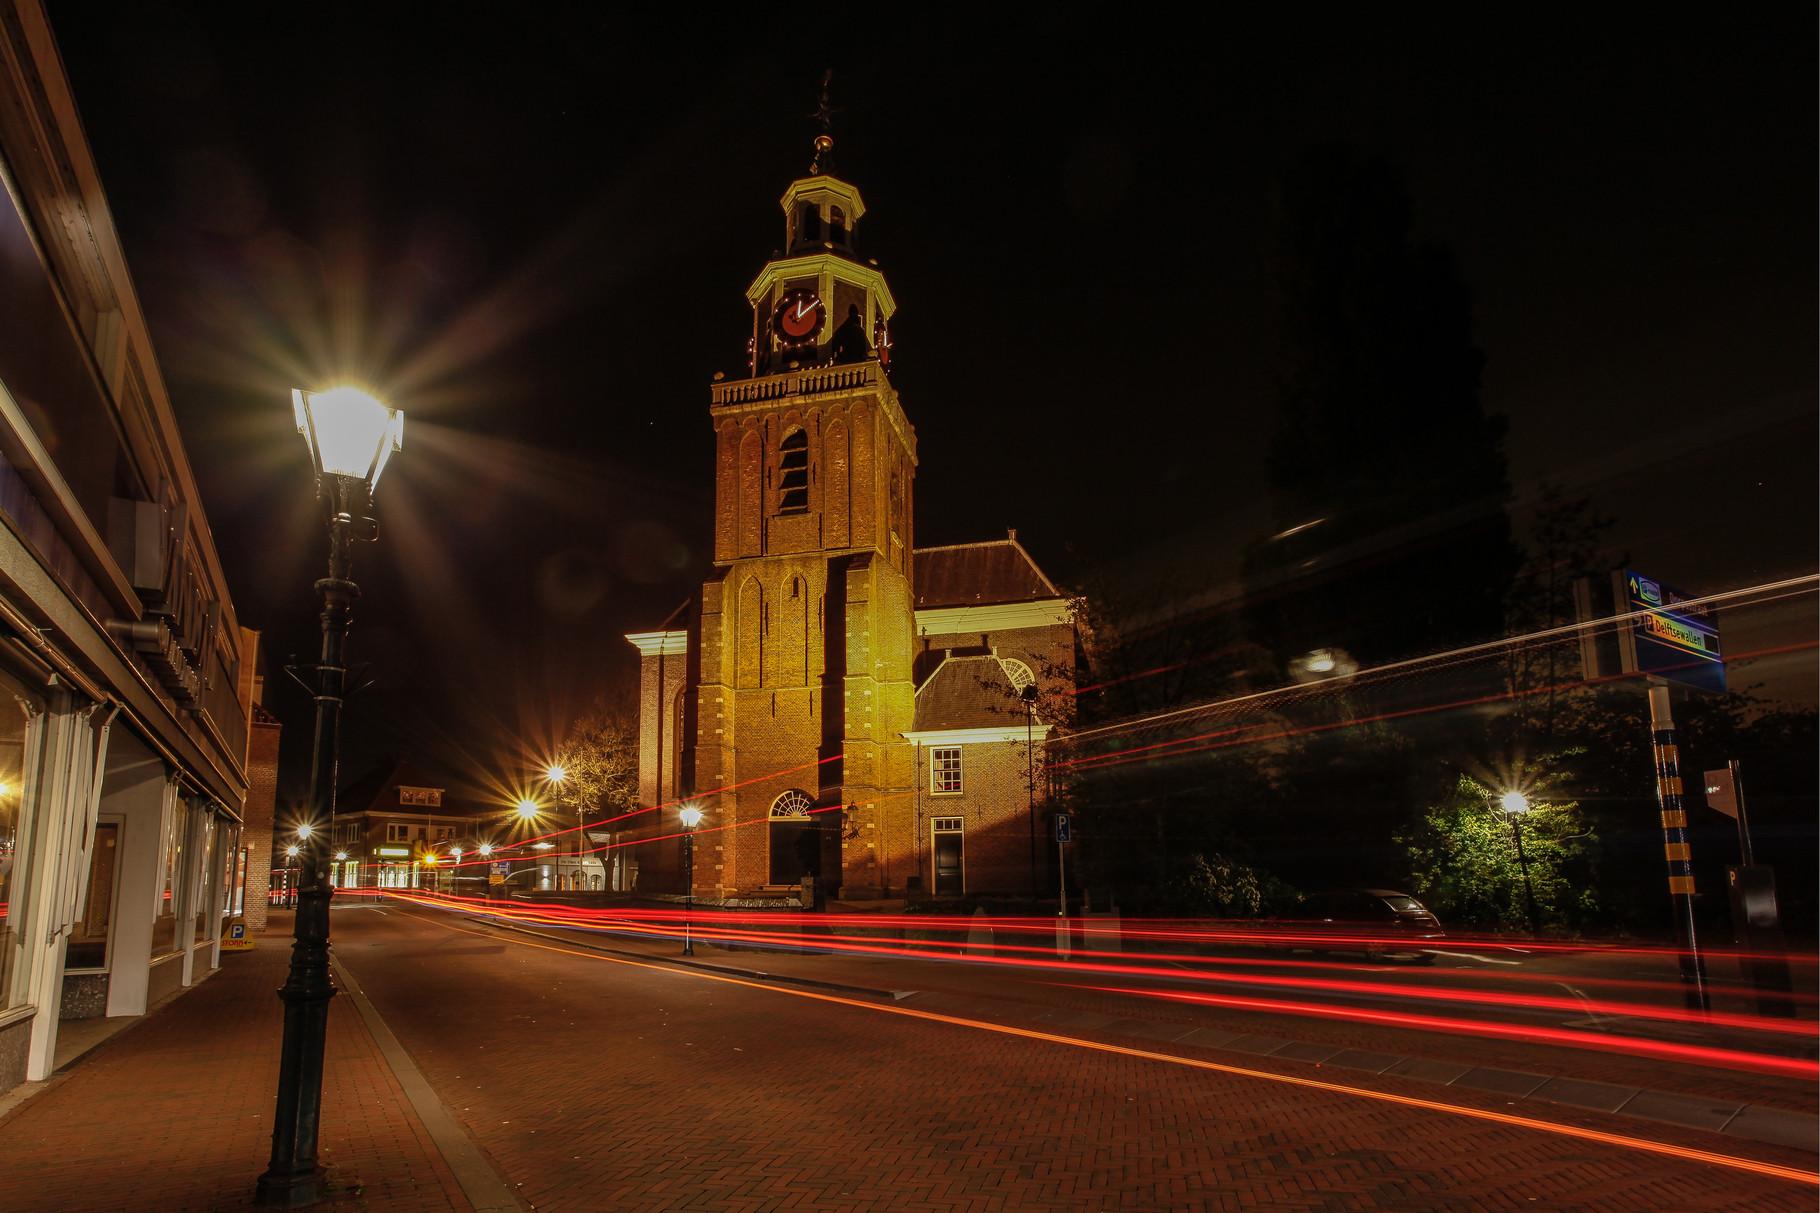 Nachtfoto kerk Leidsewallen Zoetermeer - DOKOE Fotografie